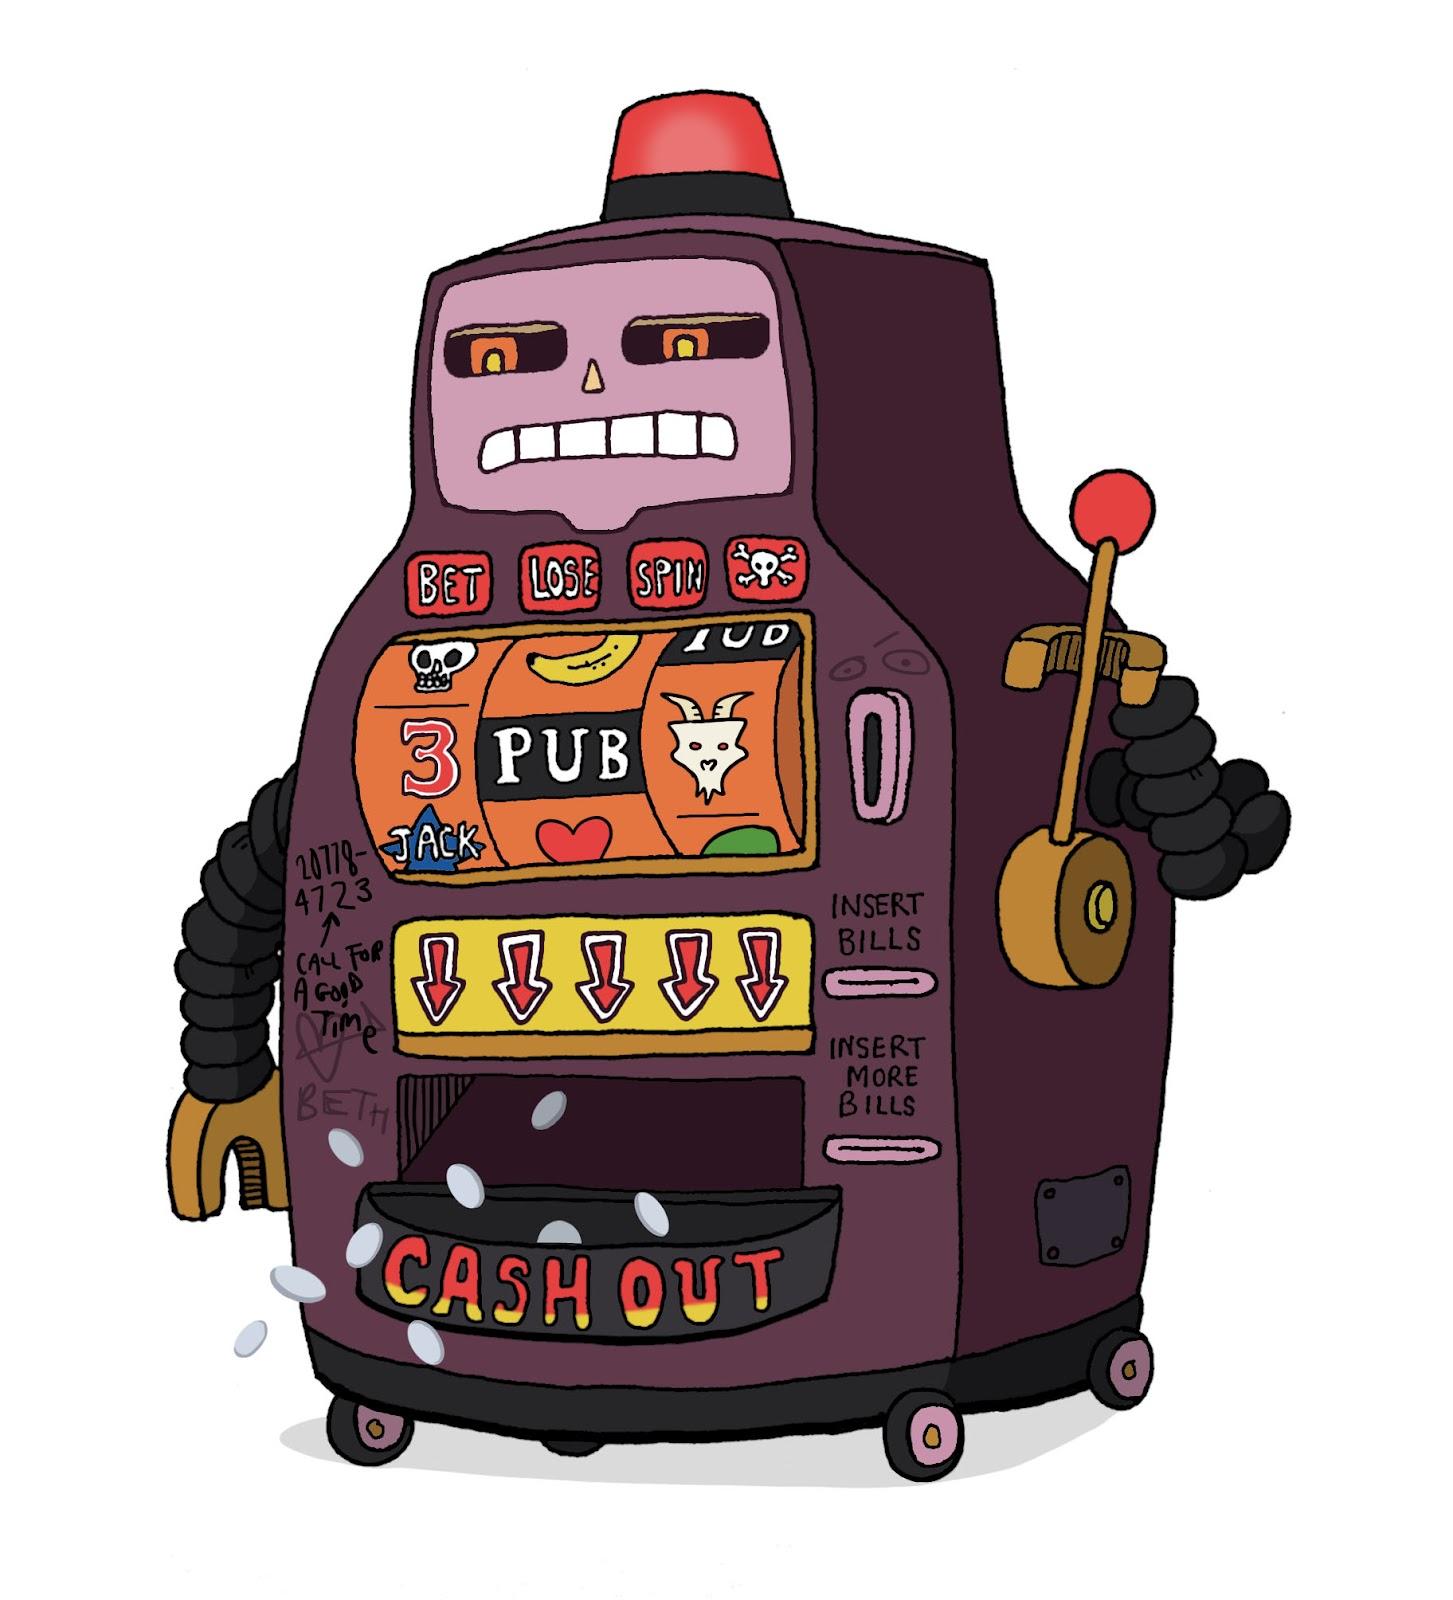 Slot Machine Pictures - Cliparts.co (1453 x 1600 Pixel)